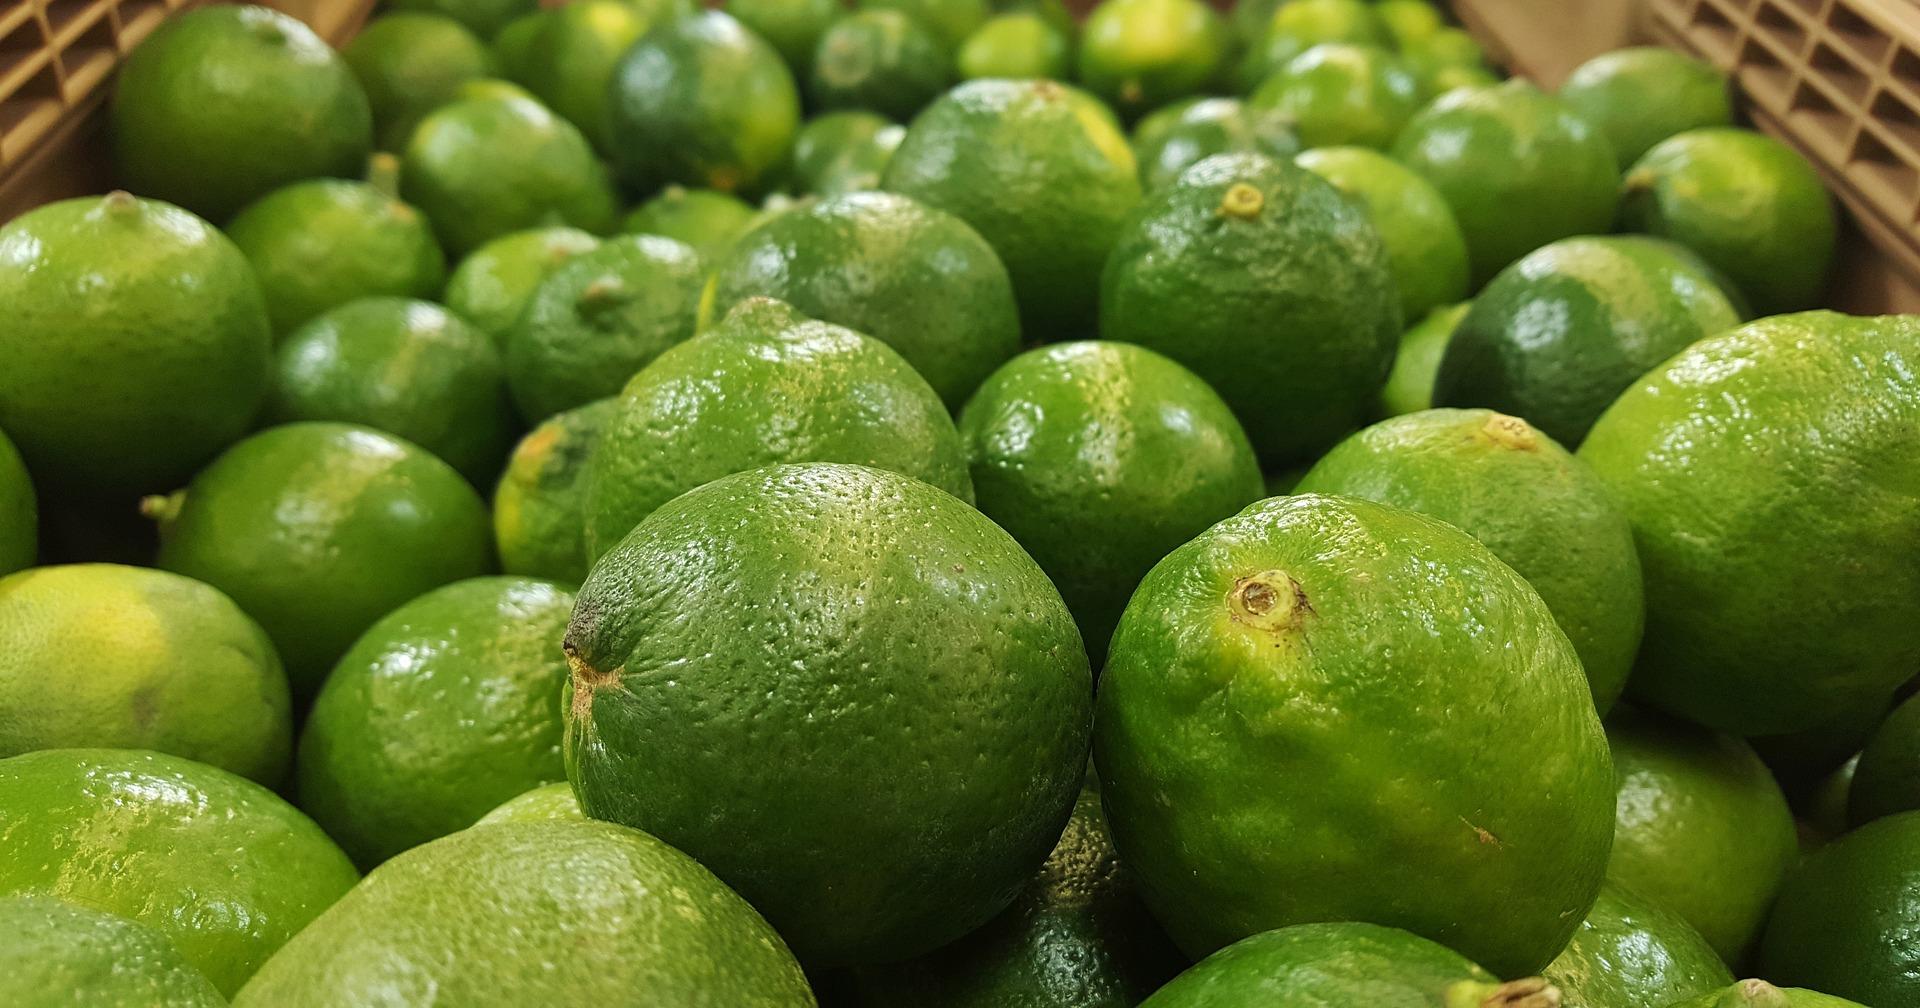 importateur-en-france-de-citron-vert-lime